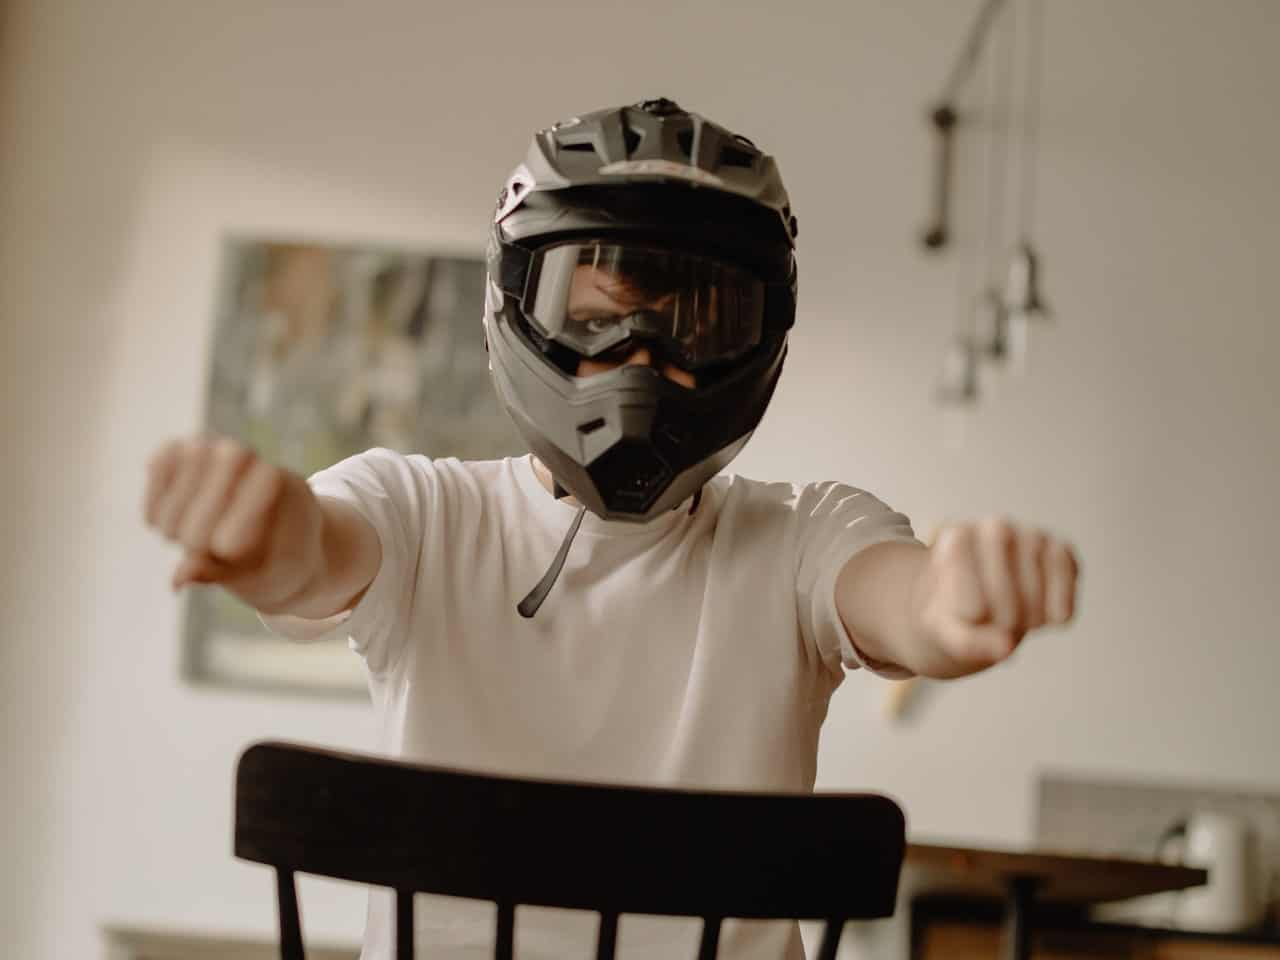 helmet man practicing